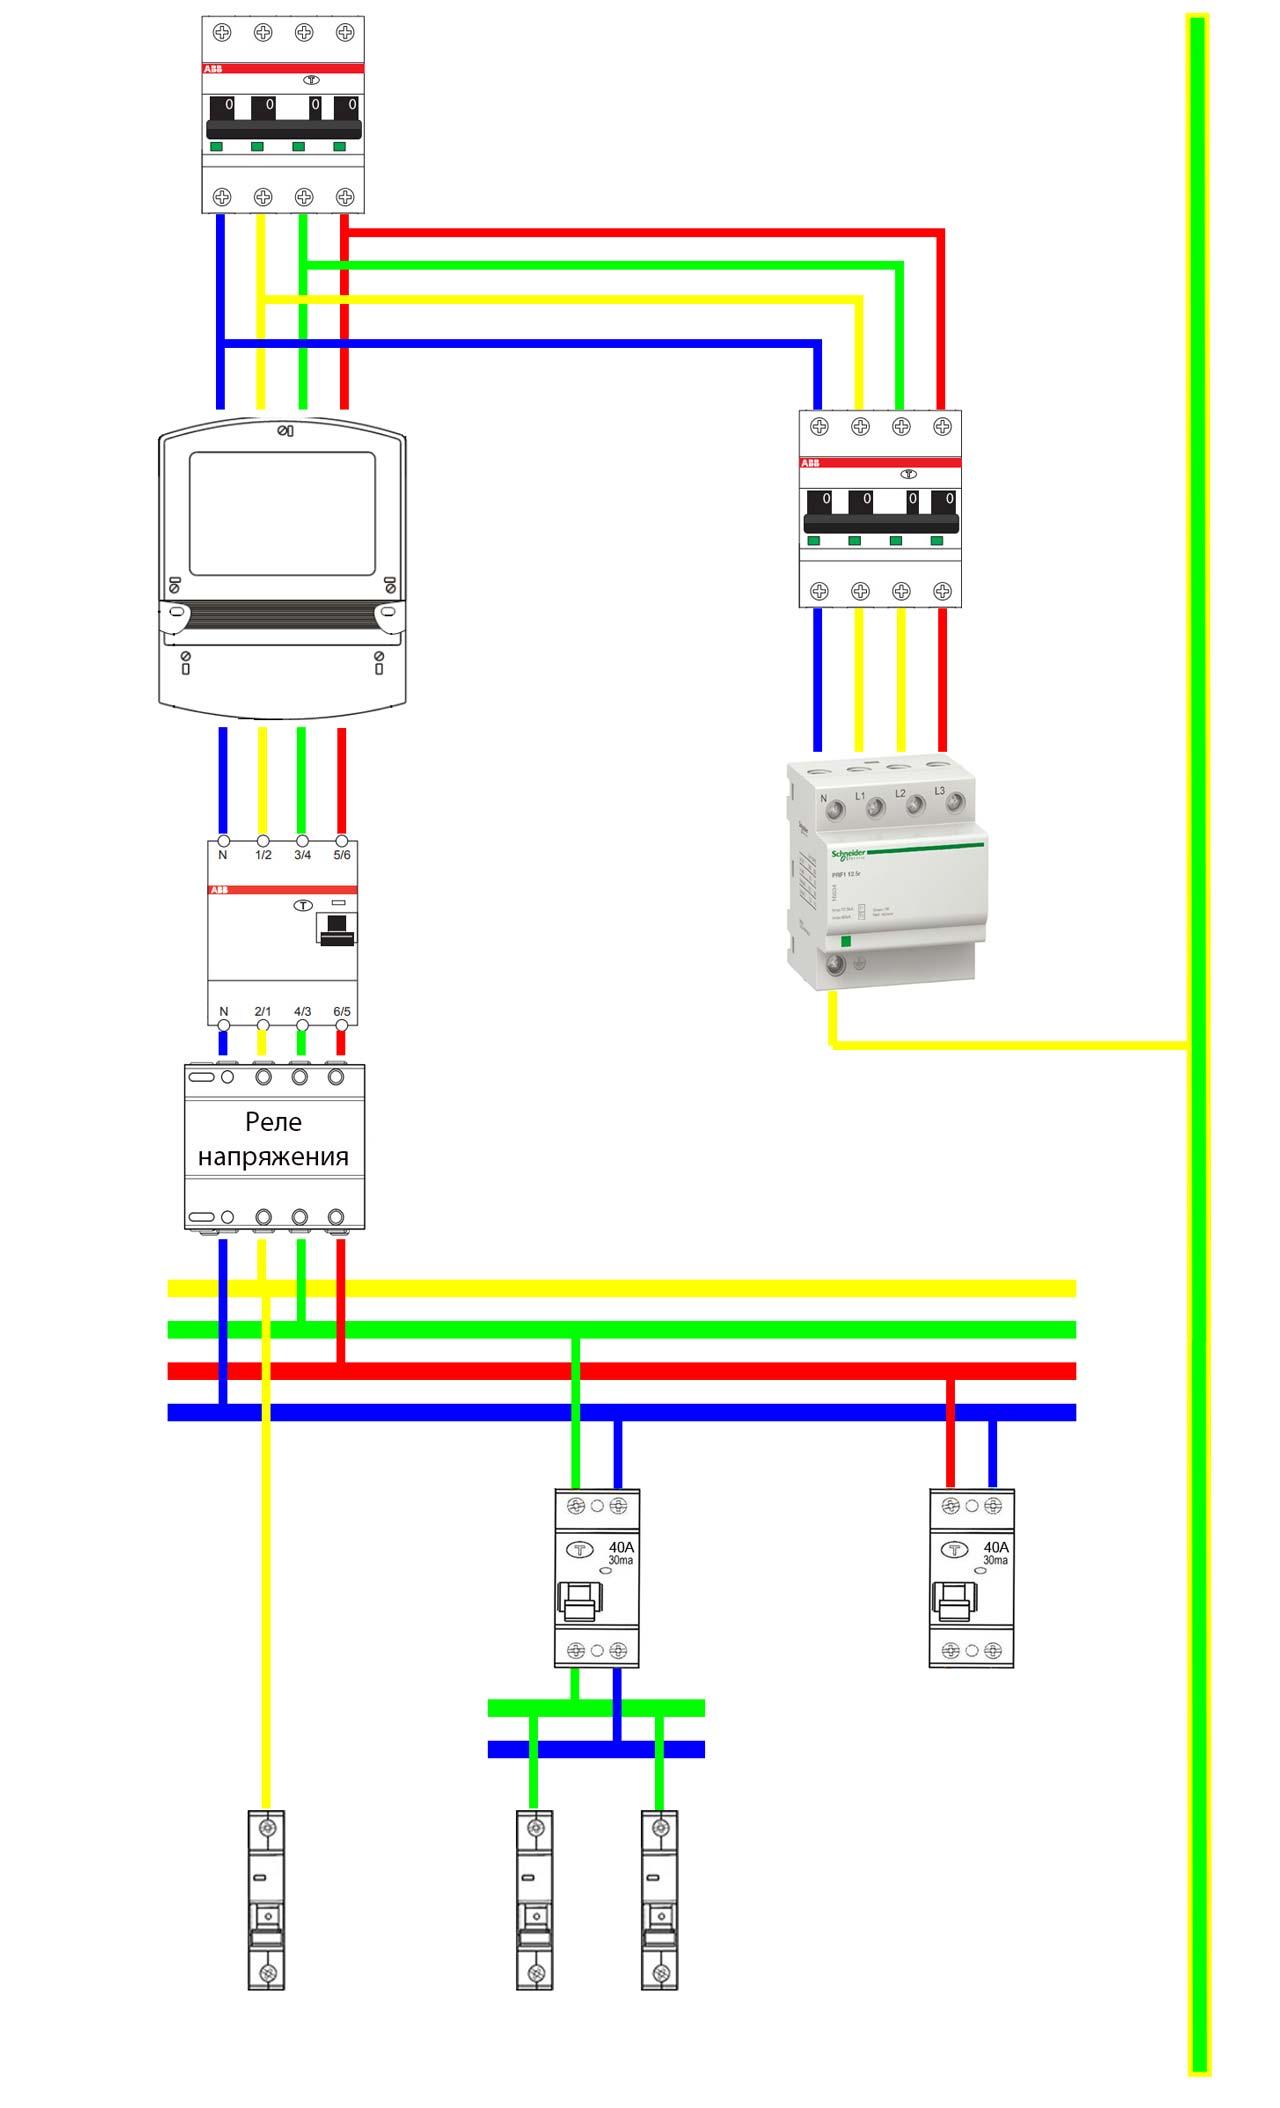 схема электрощитка с реле напряжения узип узо и автоматами для трехфазного дома